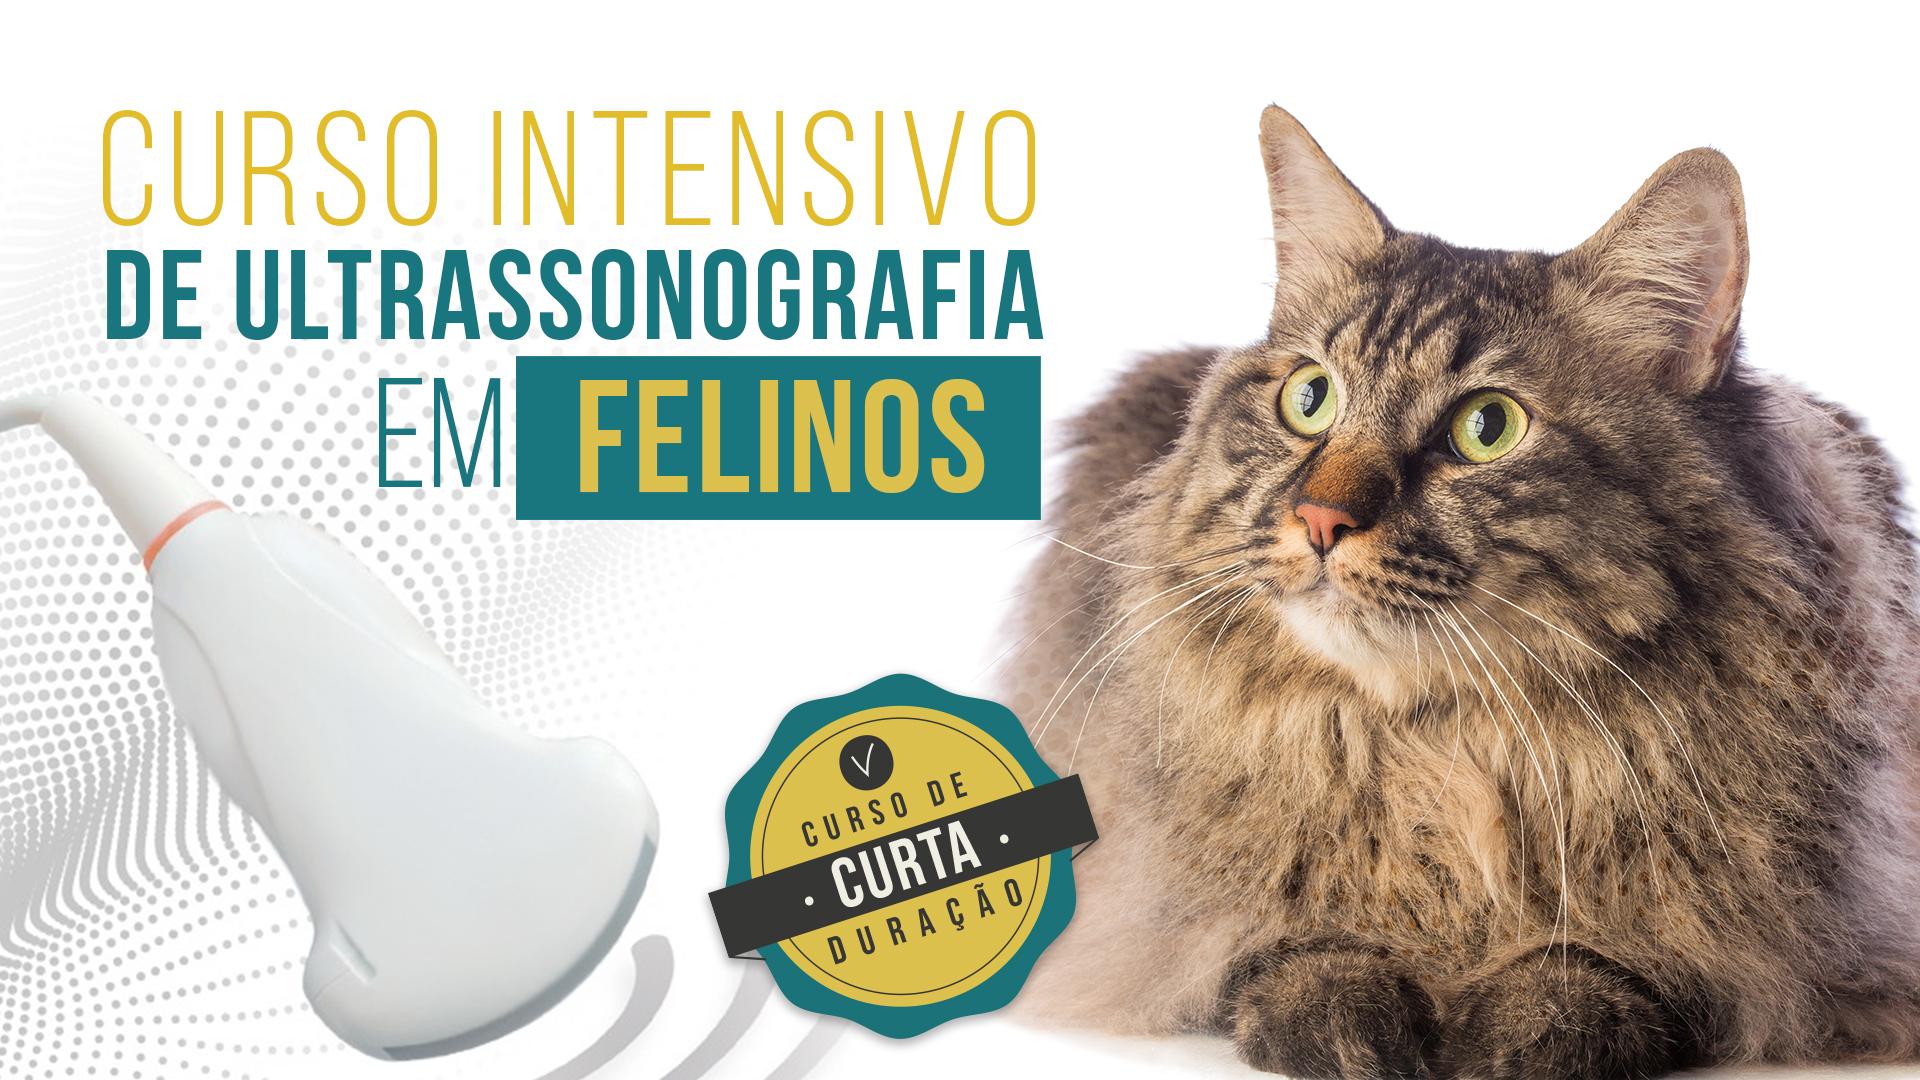 Curso Intensivo de Ultrassonografia em Felinos